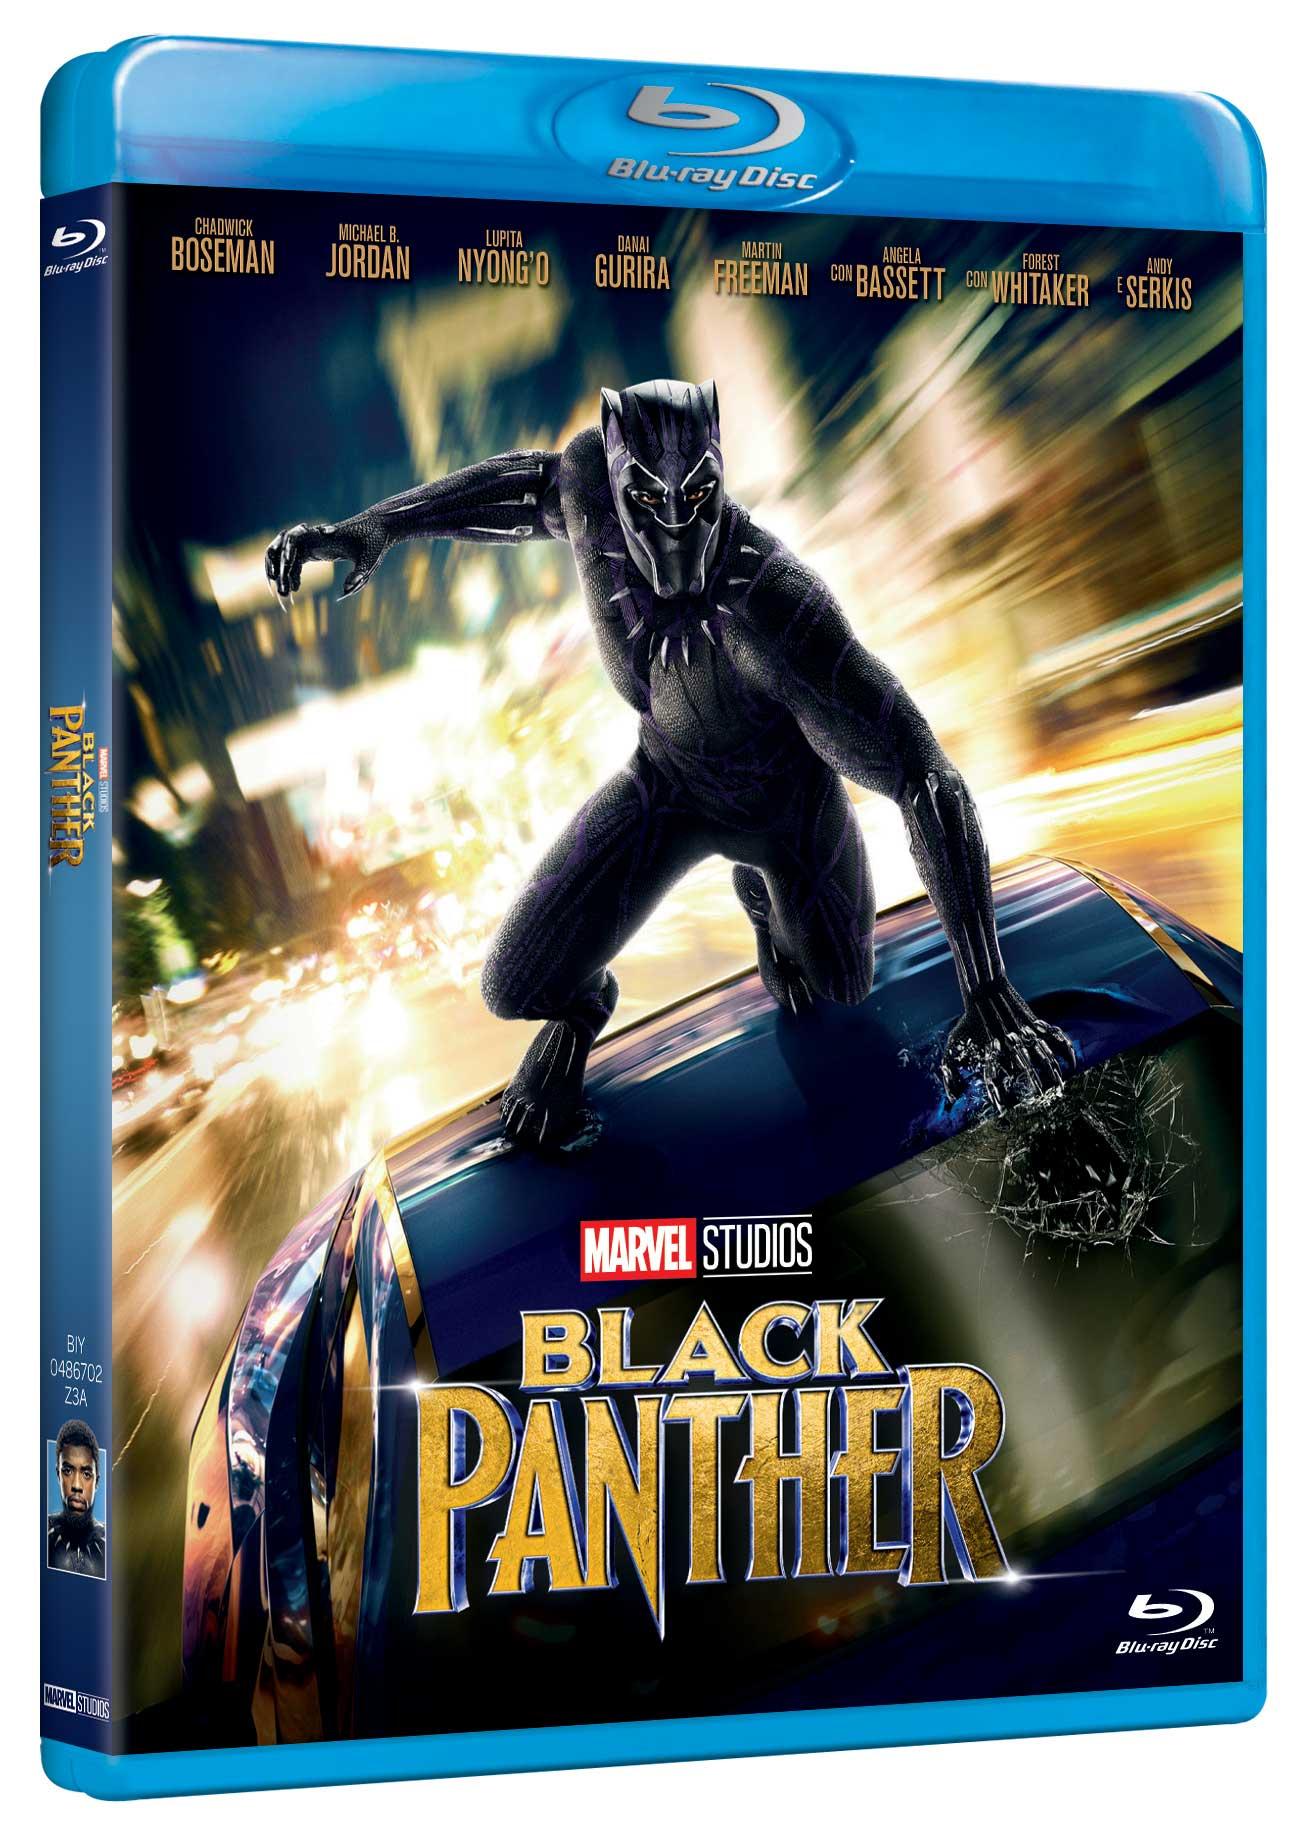 BLACK PANTHER - BLU RAY